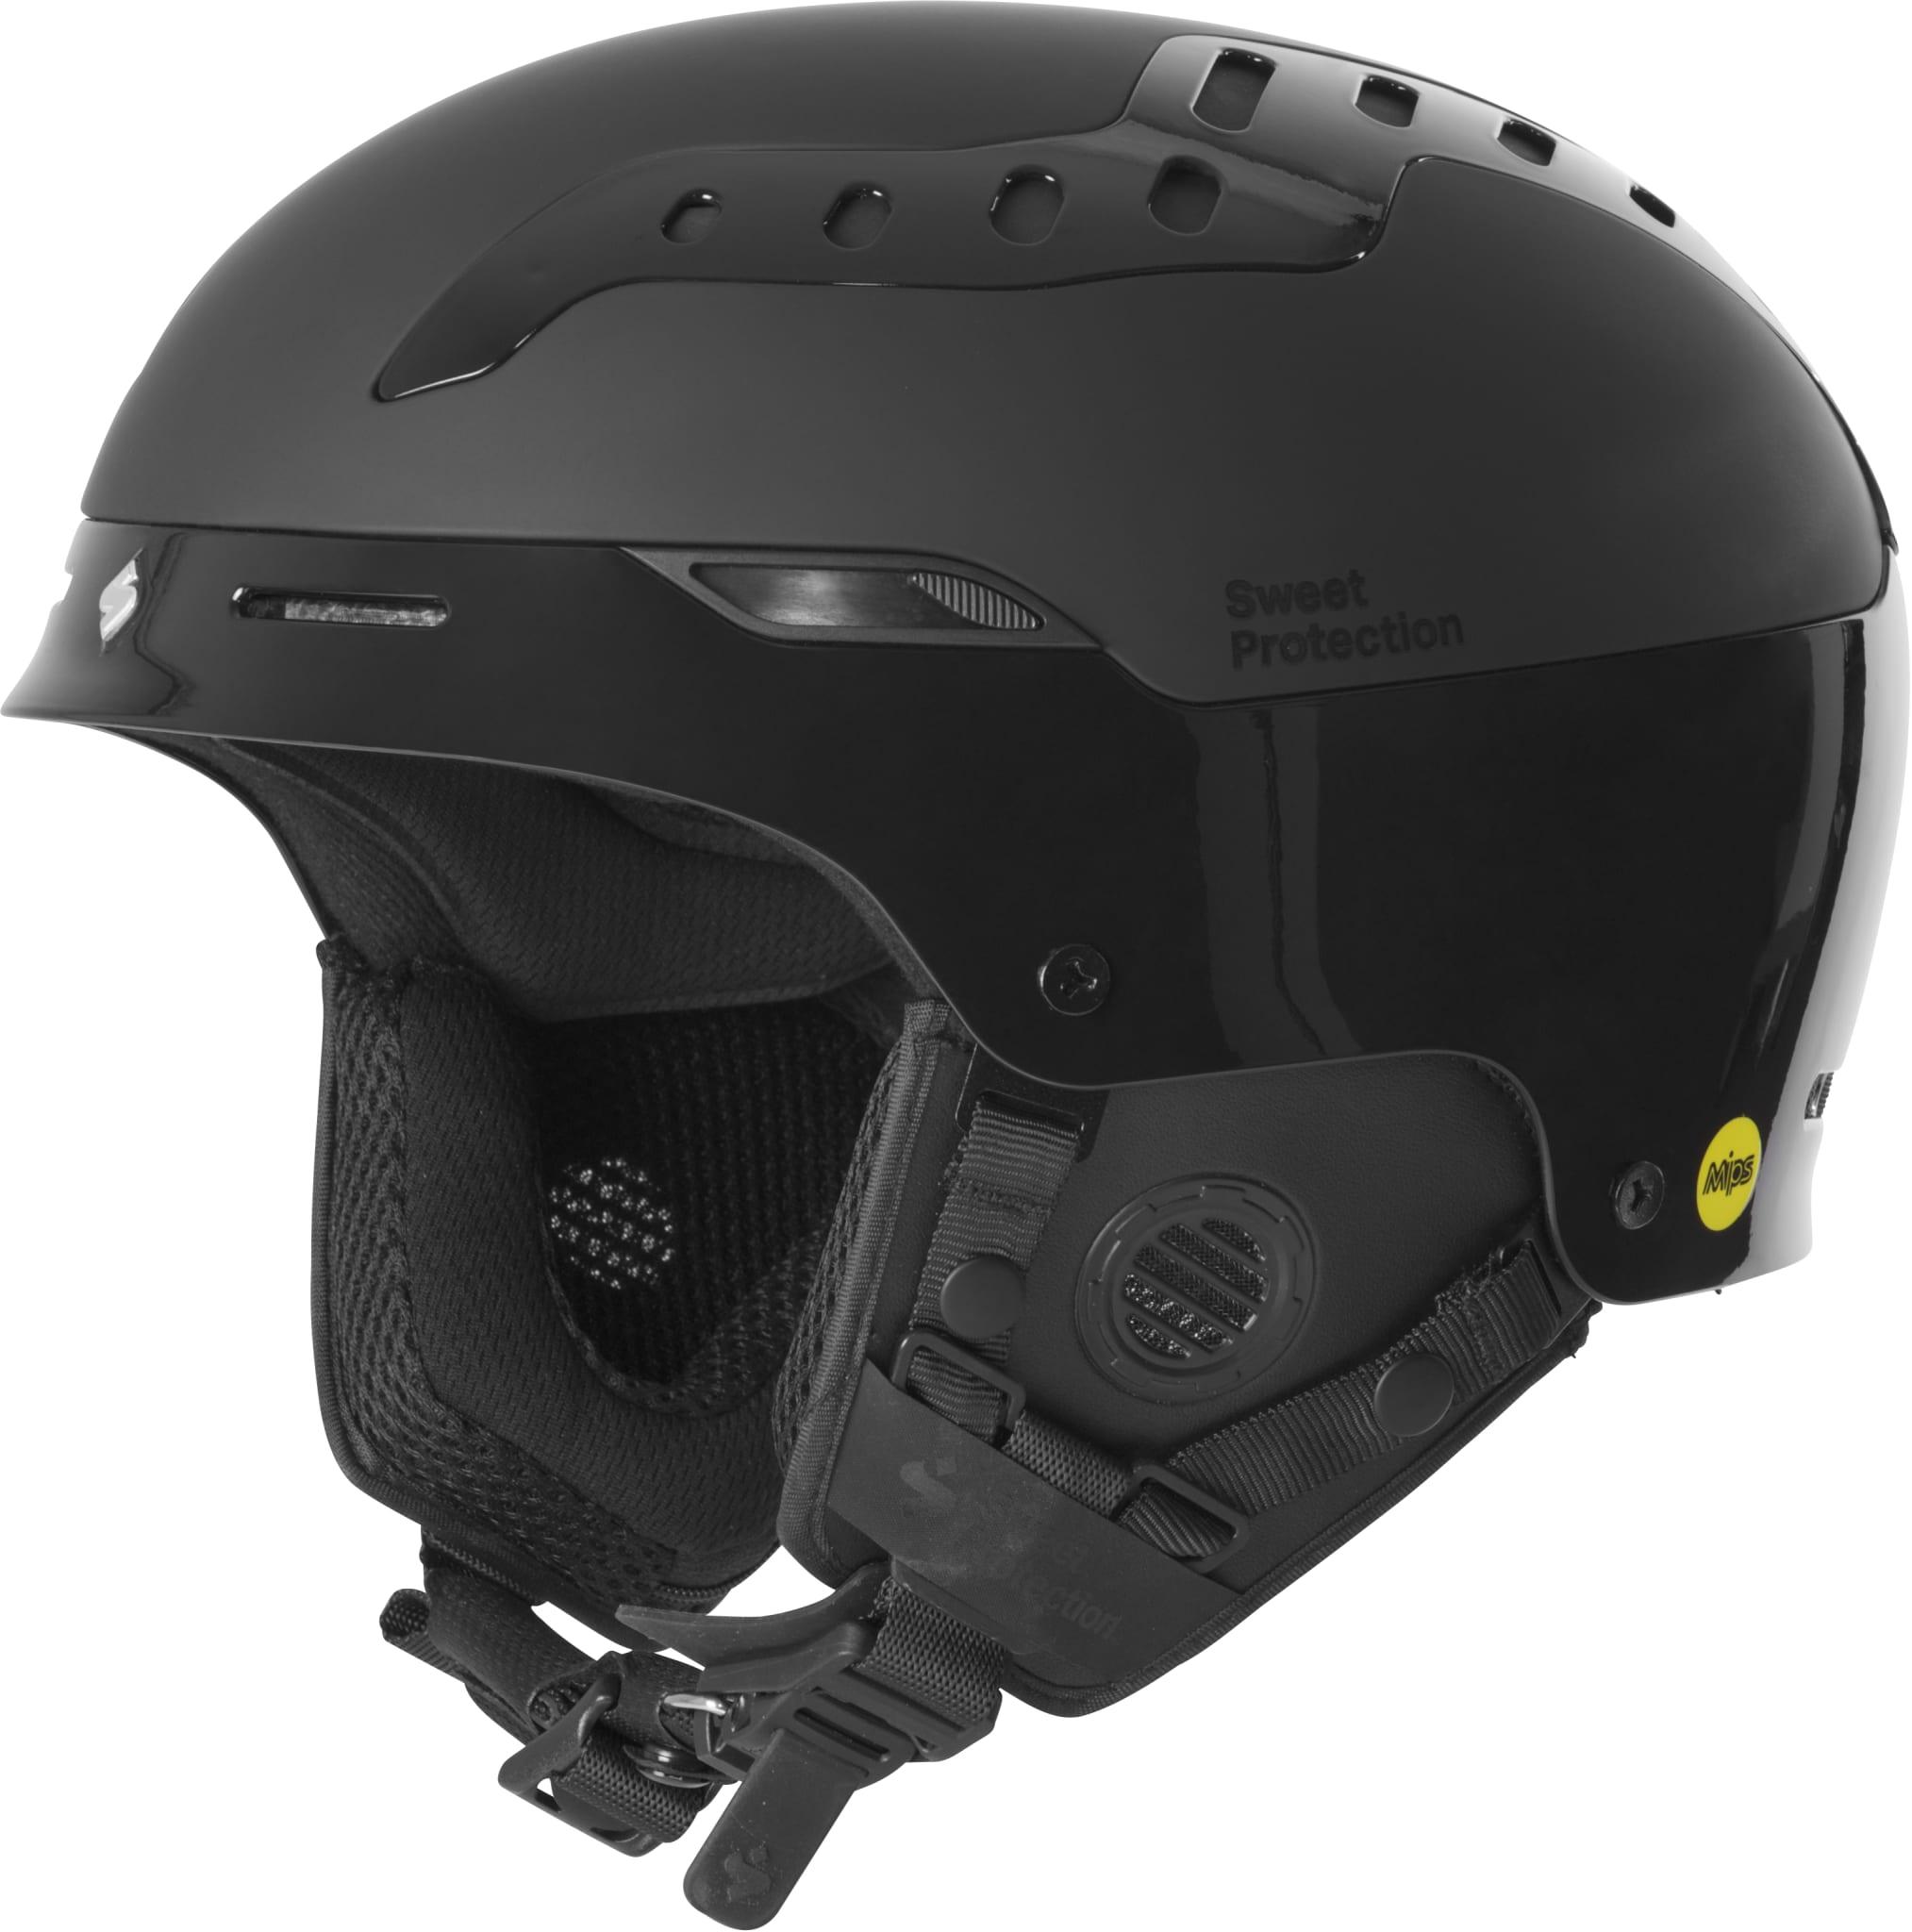 Svært godt ventilert hjelm til topptur og heiskjøring med MIPS